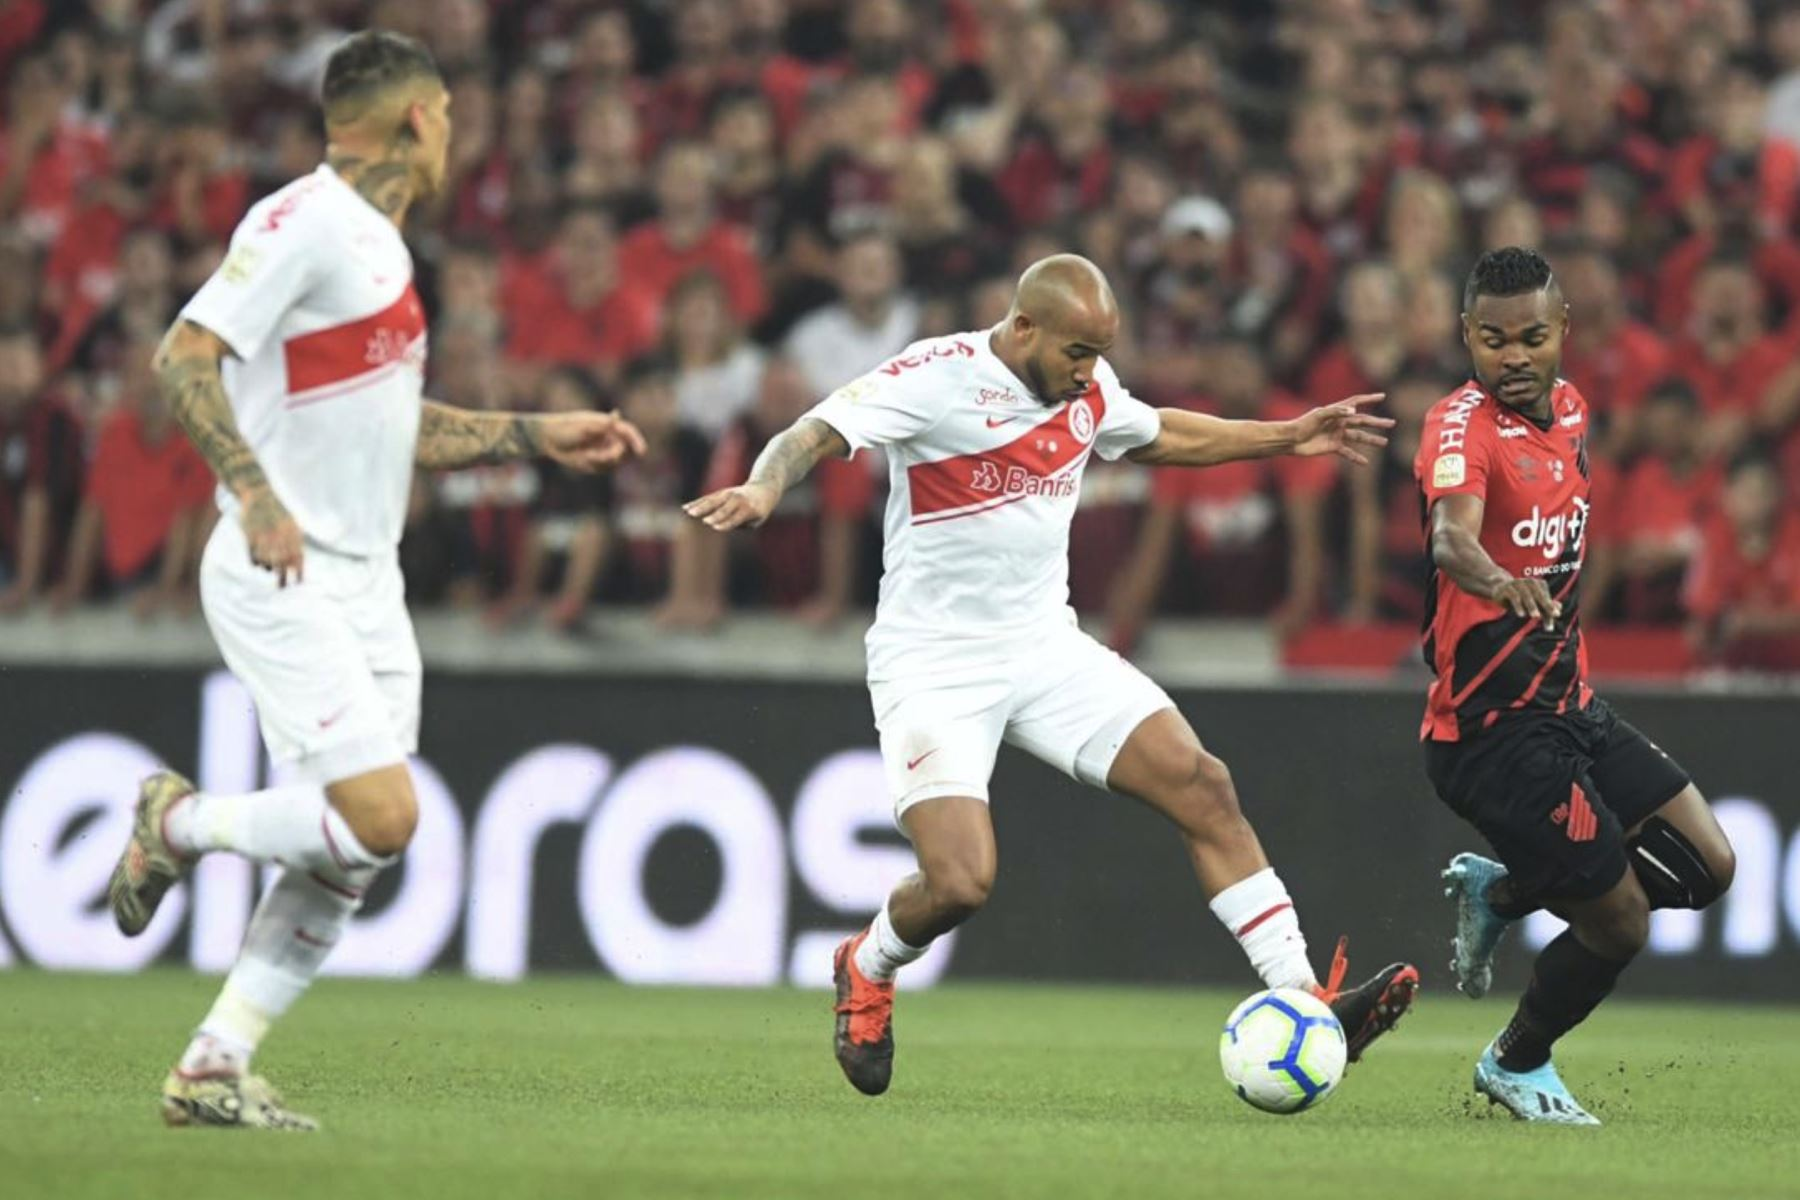 Moledo de Internacional disputa el balon, en el partido de ida por la final de la Copa Brasil. Foto:Twitter Internacional